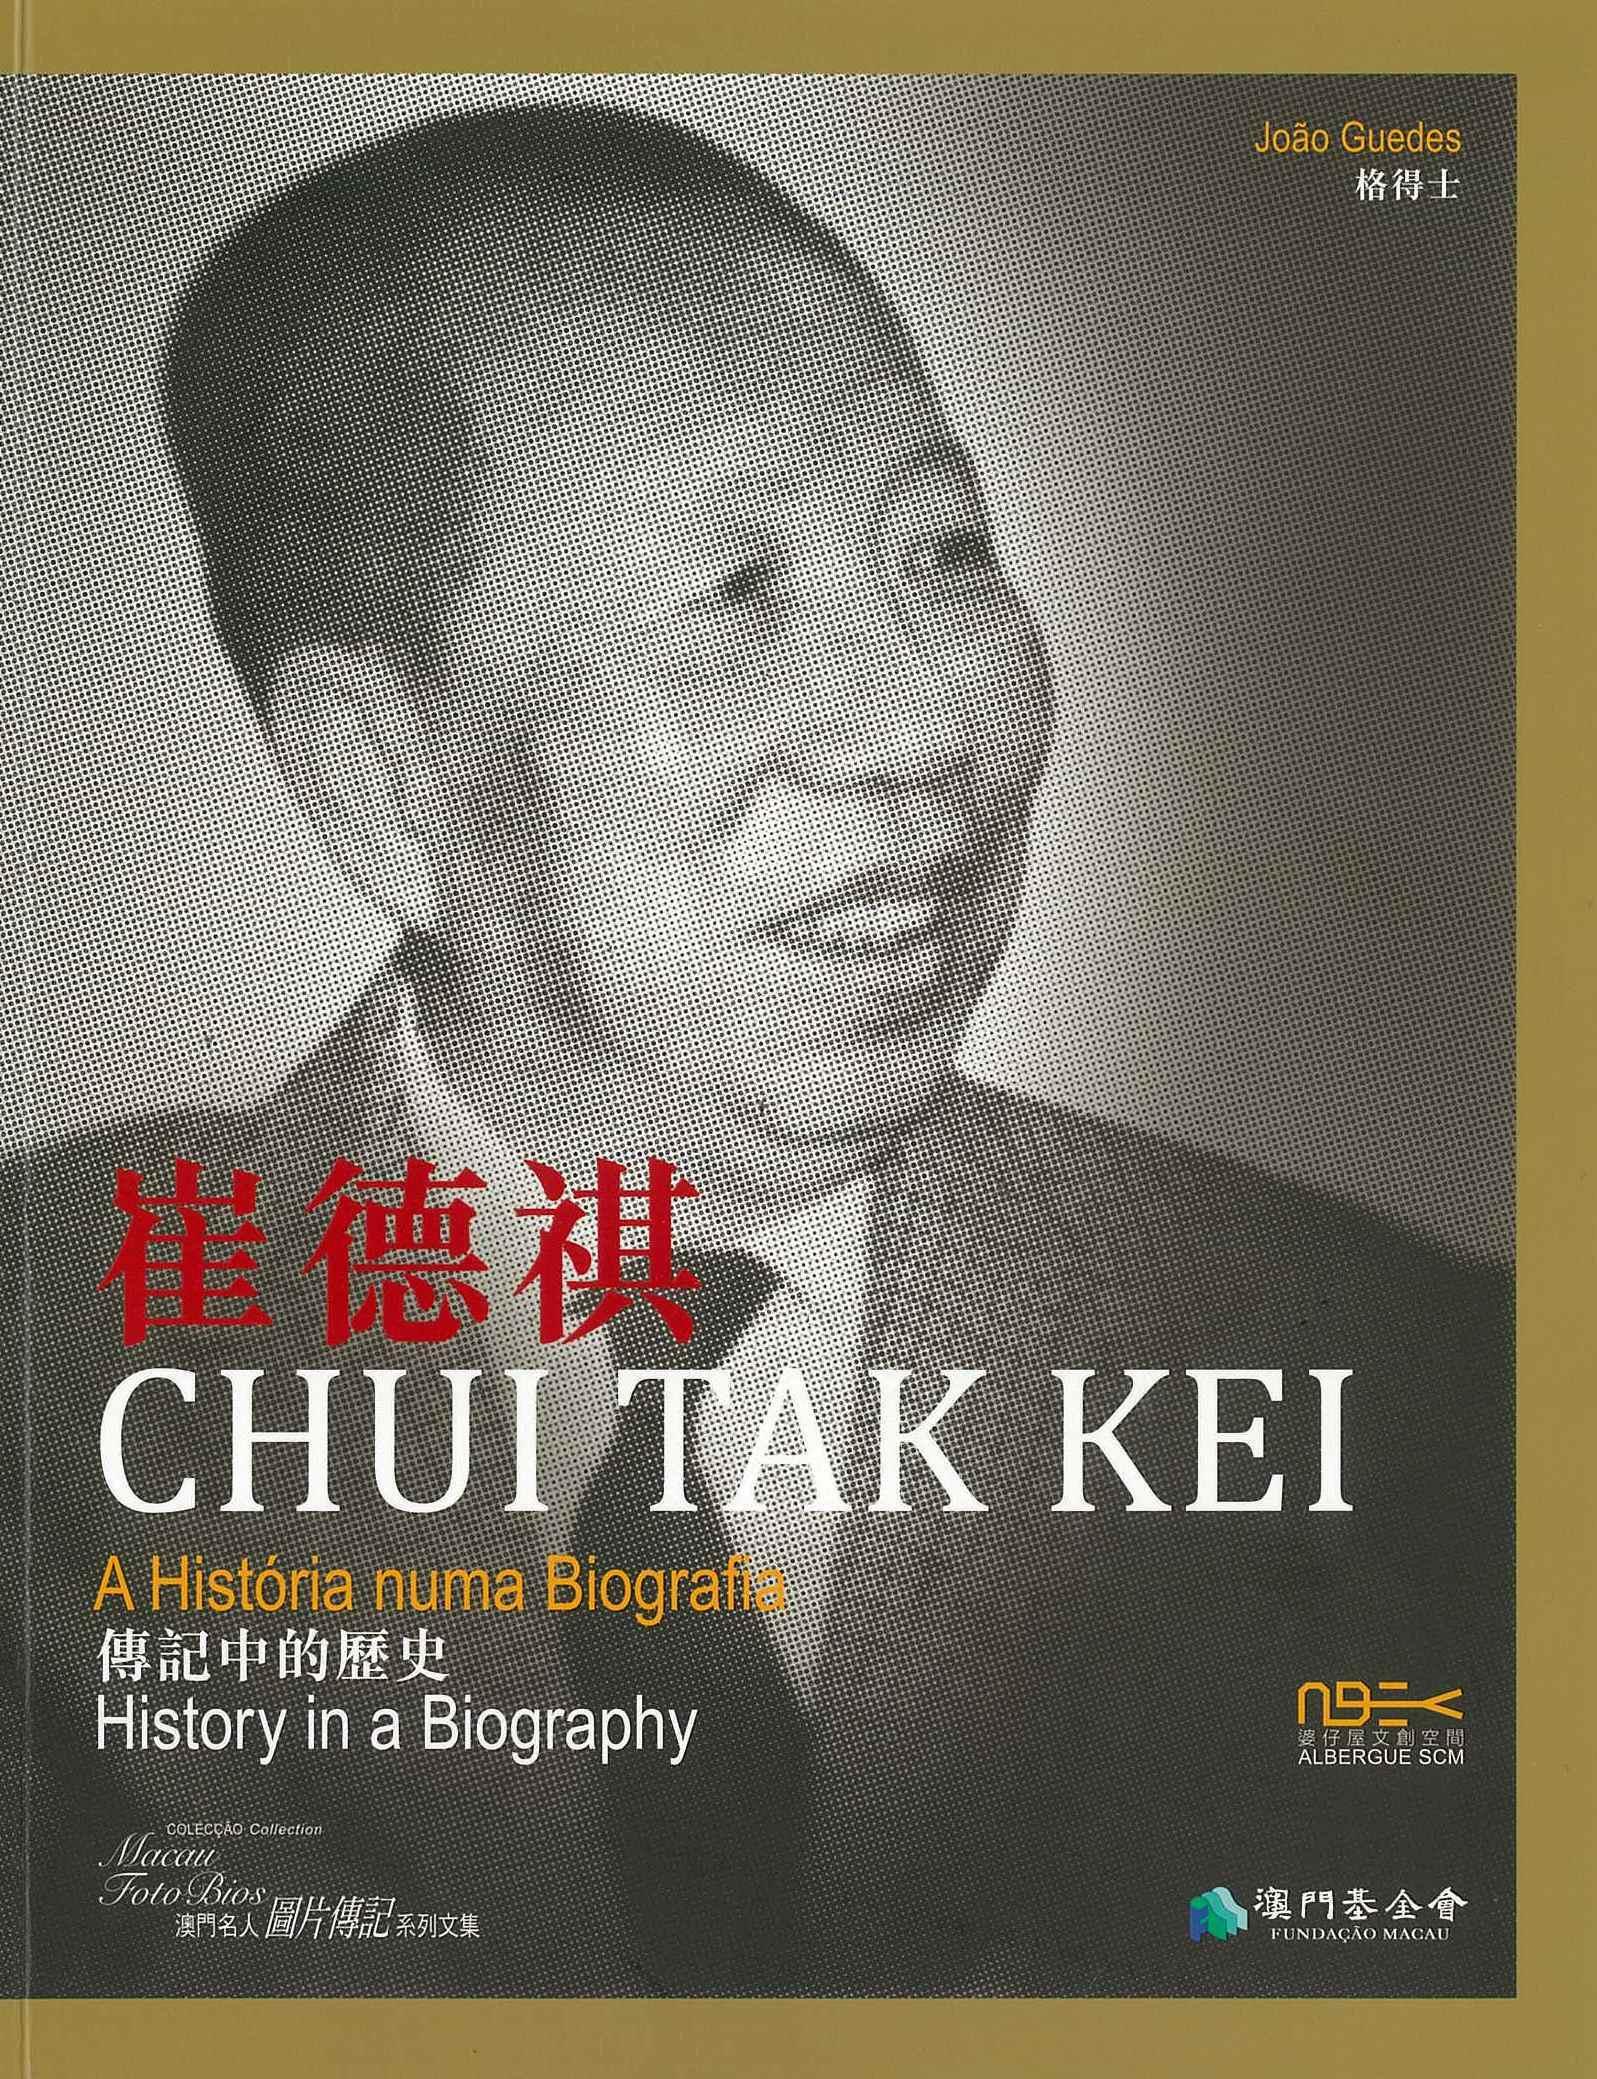 Chui Tak Kei   João Guedes lança fotobiografia do tio do Chefe do Executivo